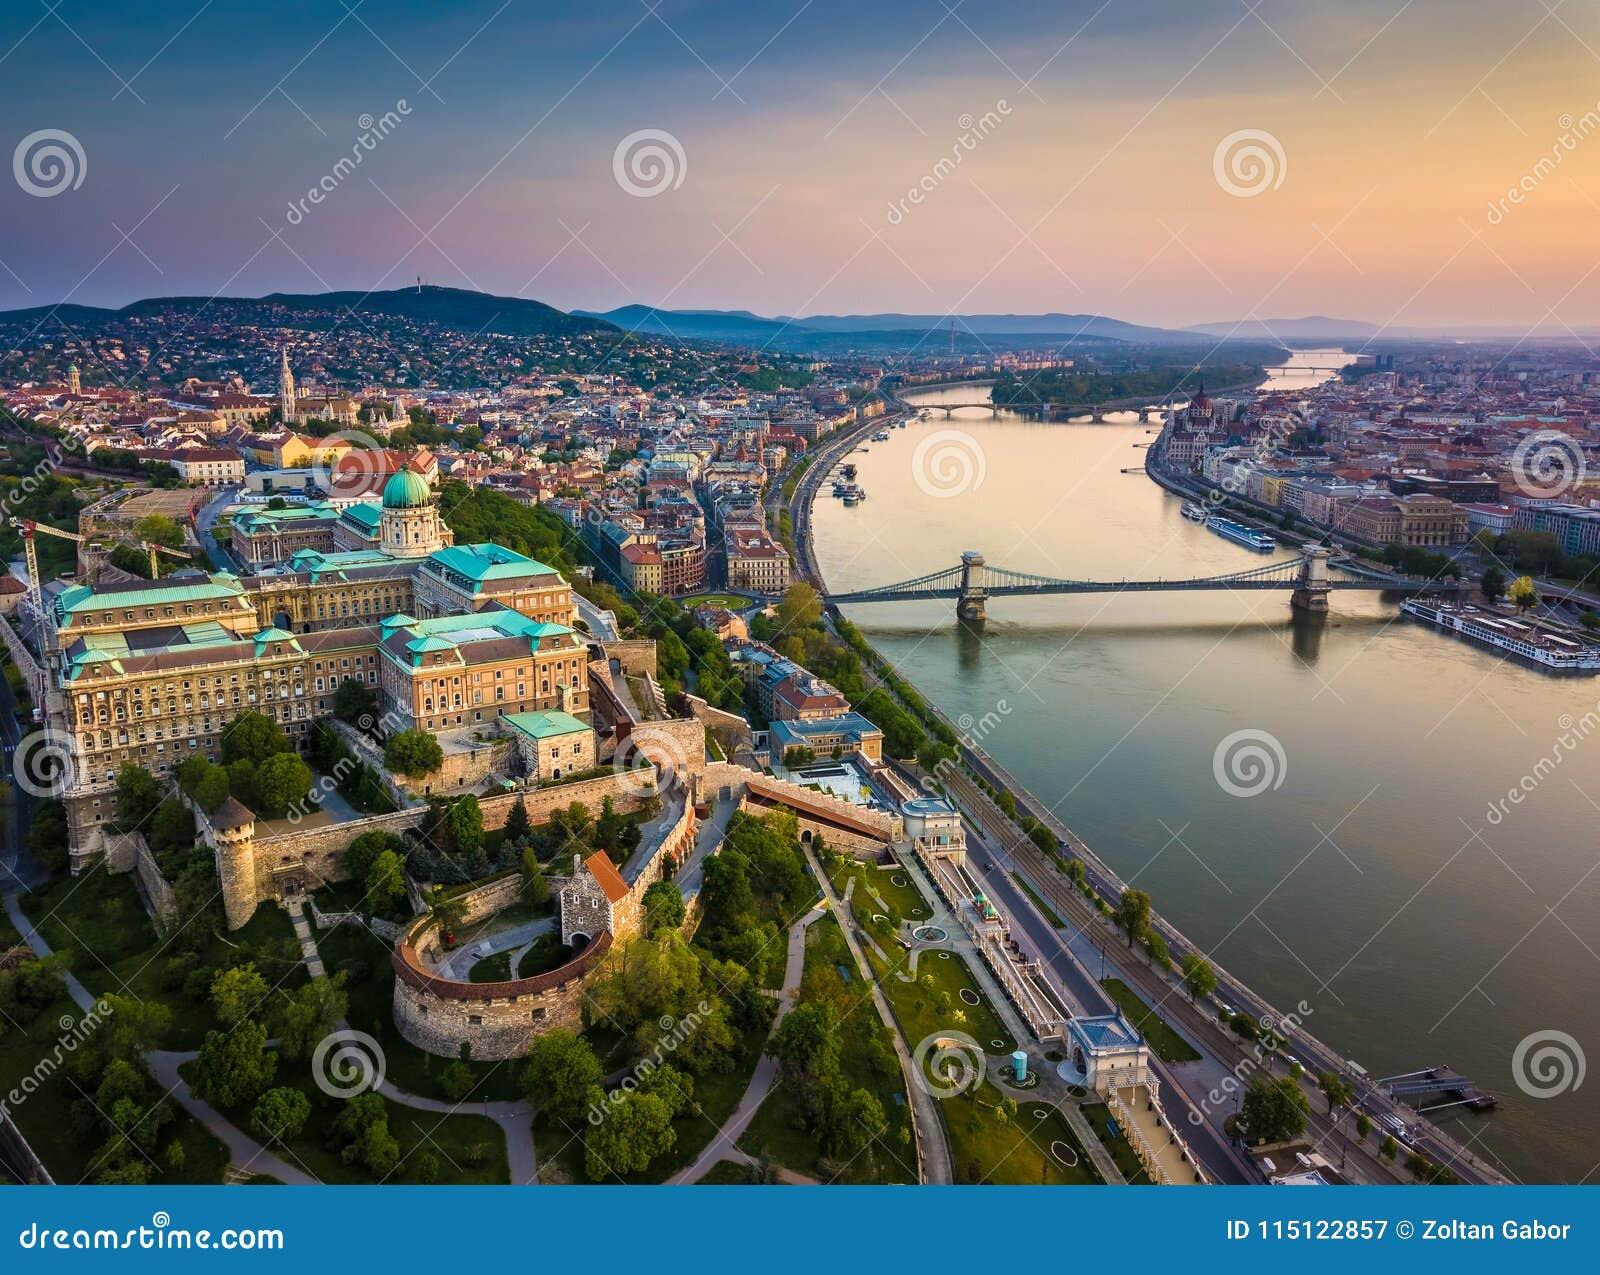 Budapest, Hungria - opinião aérea da skyline de Buda Castle Royal Palace e de Rondella sul com distrito do castelo